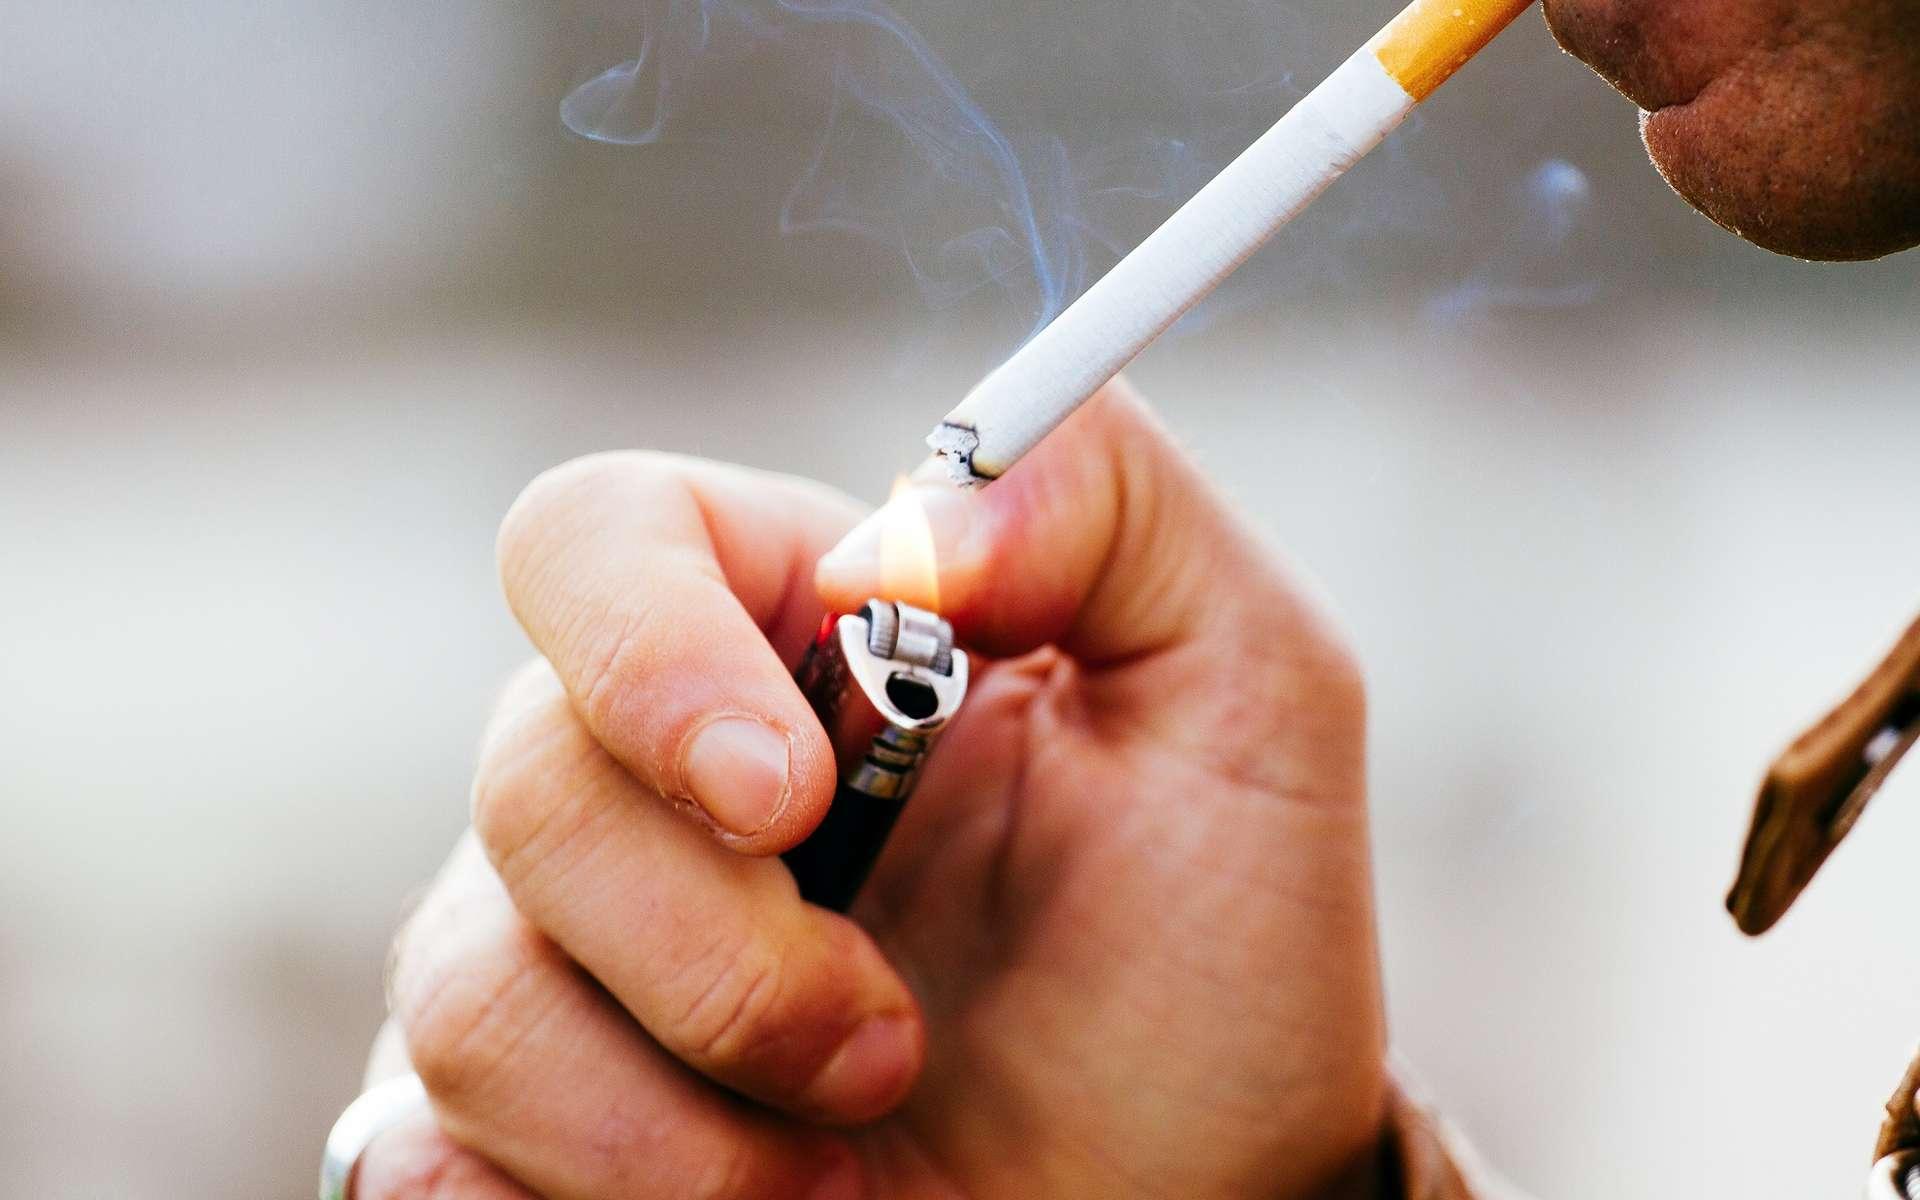 La nicotine représente un danger car elle est responsable de la dépendance à la cigarette. © simone mescolini, Shutterstock